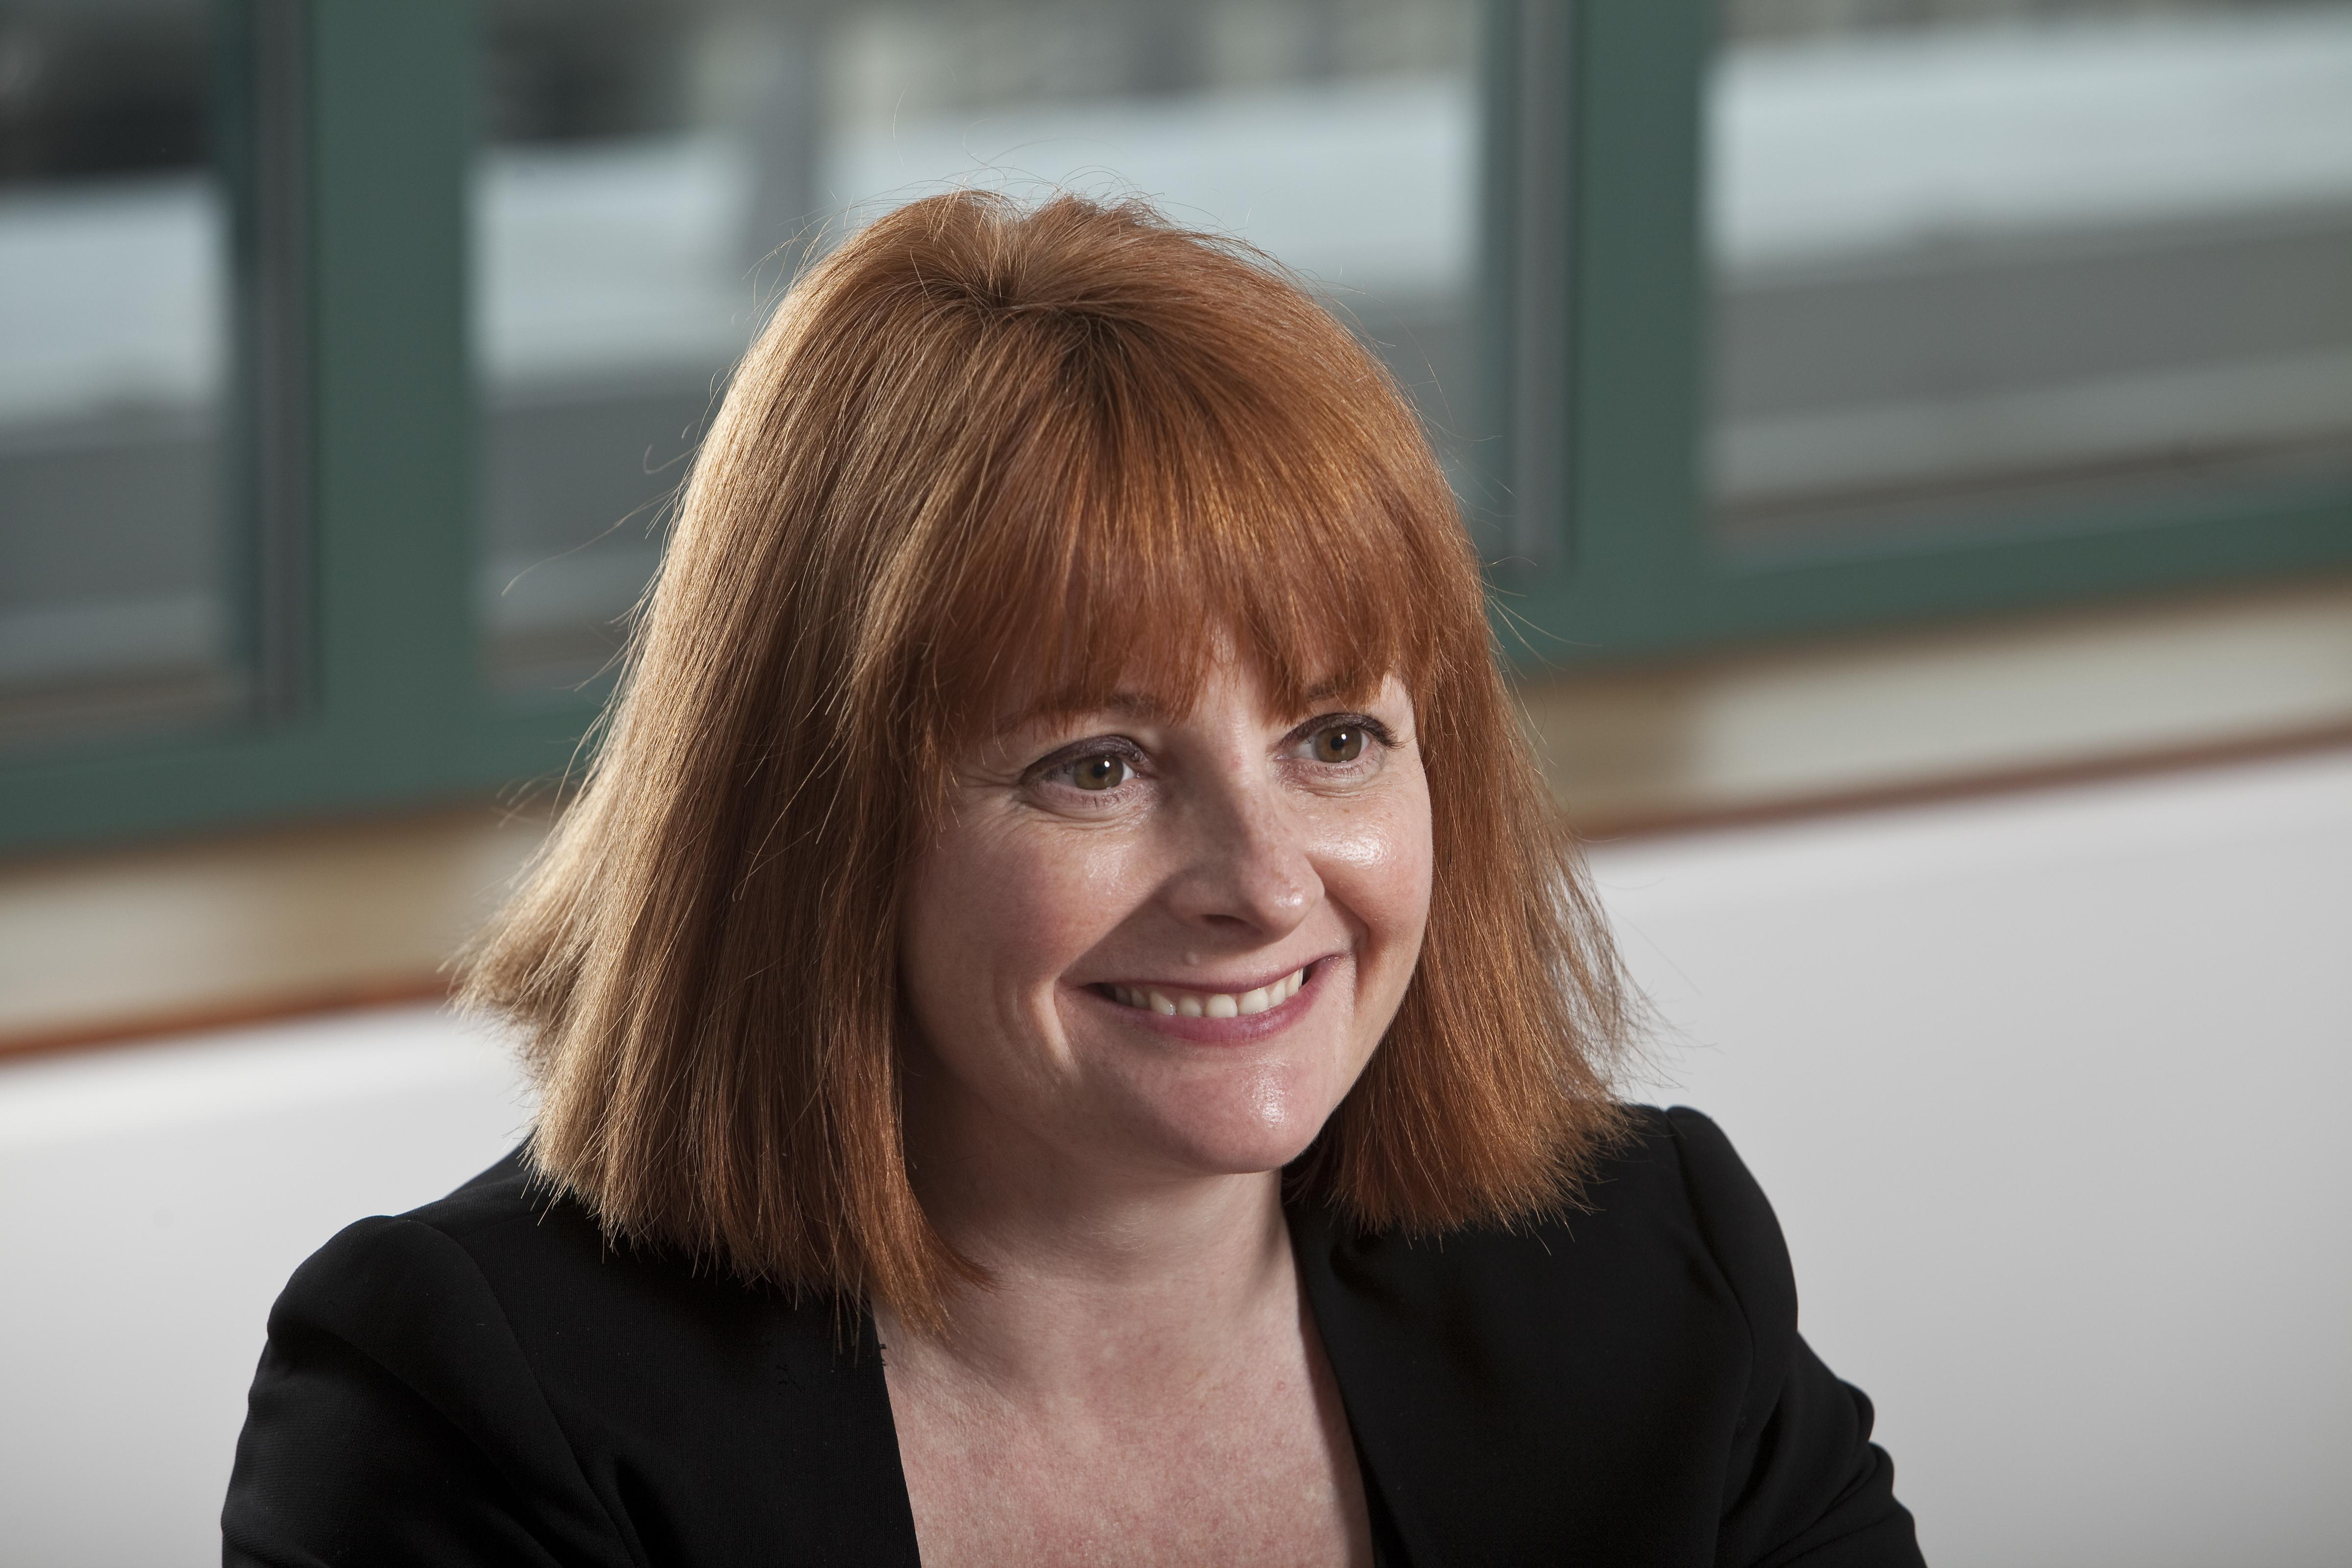 Sally Morris-Smith